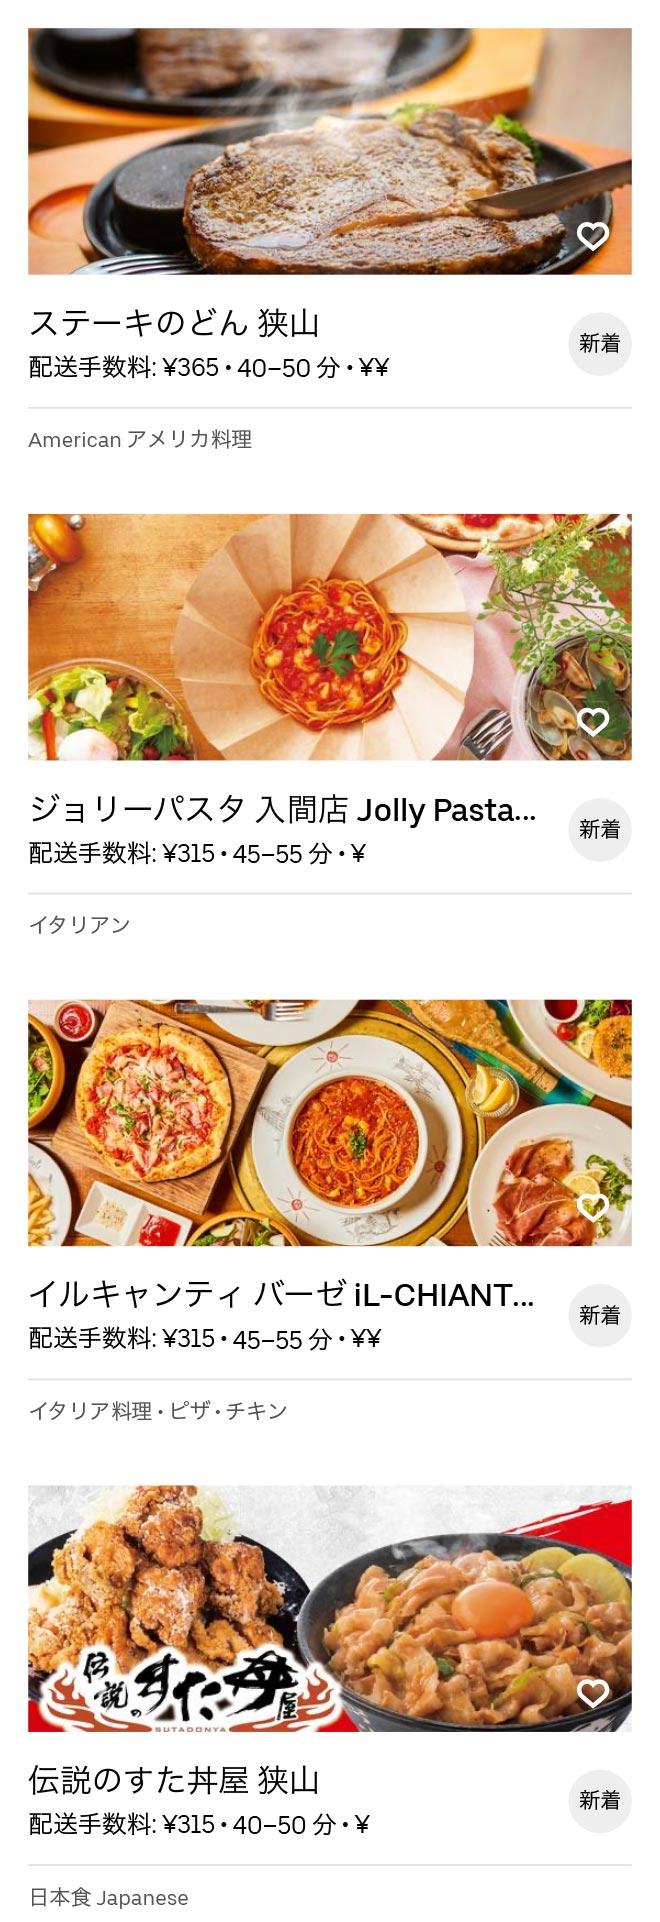 Sayama menu 2010 05